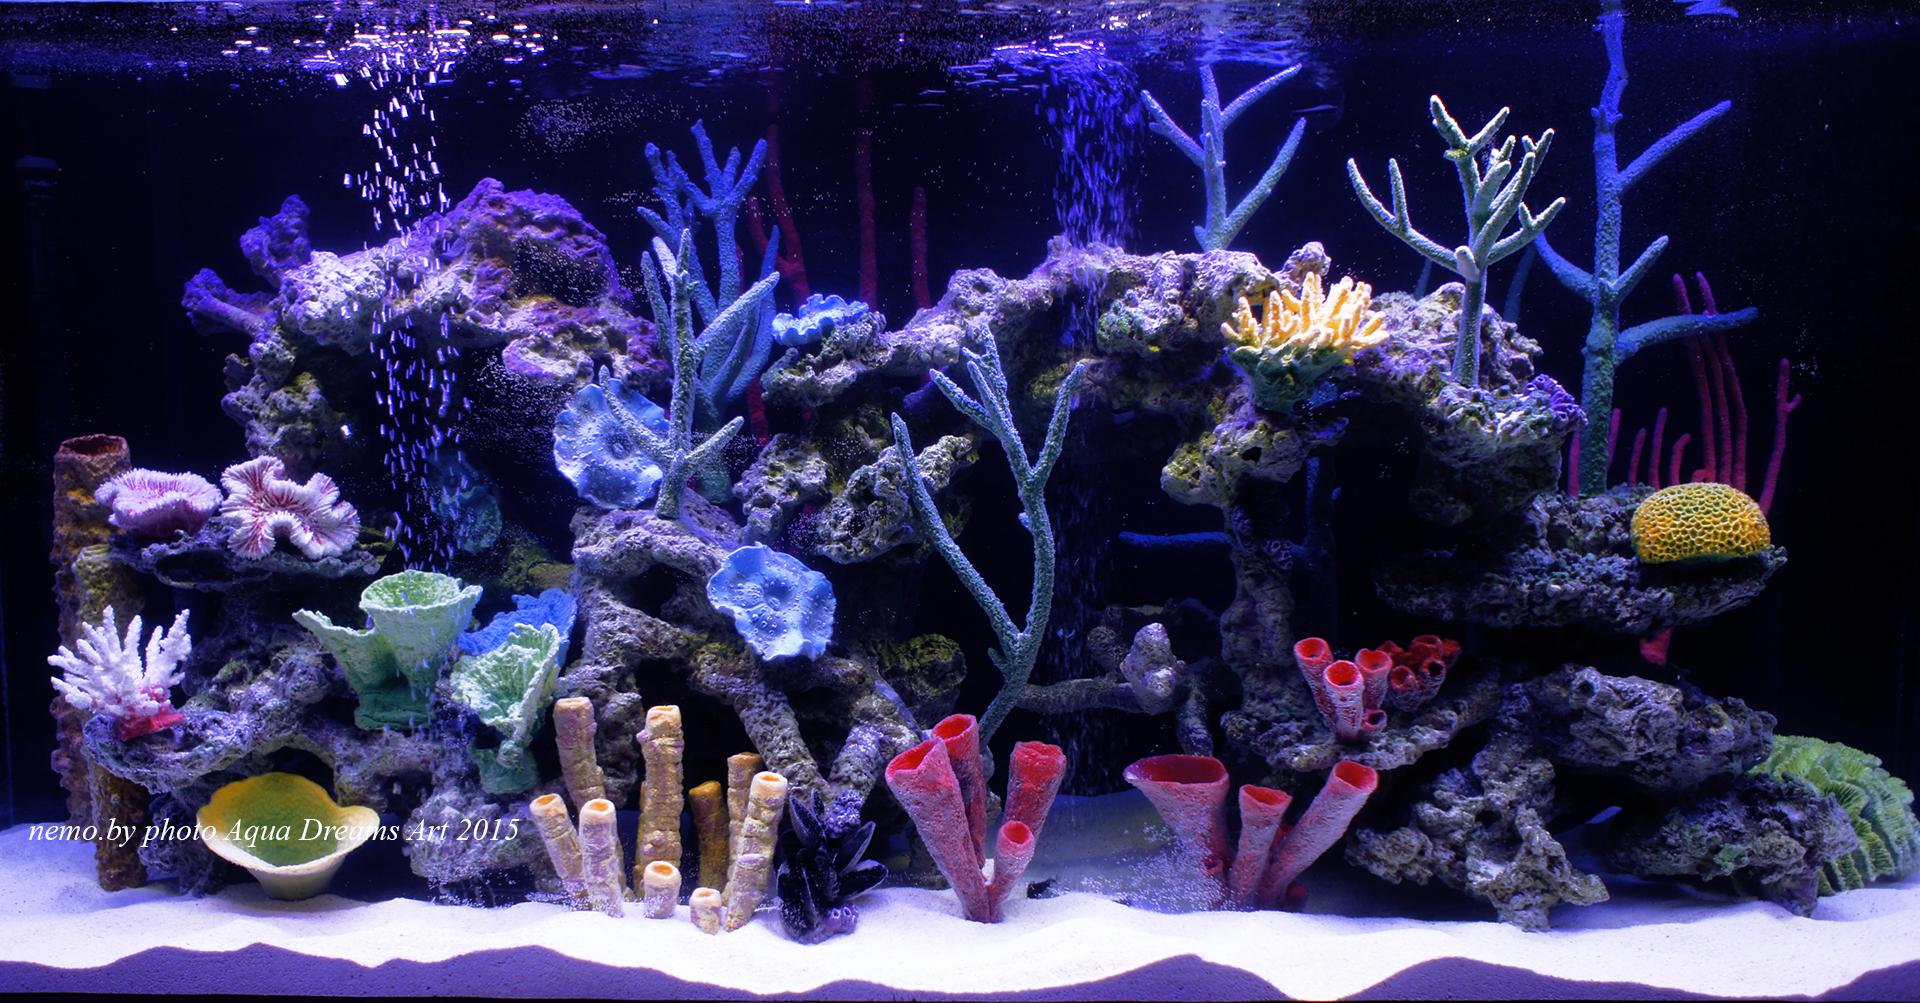 Классический интерьер диктует свои строгие правила, и дизайн этого аквариума, как нельзя лучше соответствует общей стилистике.